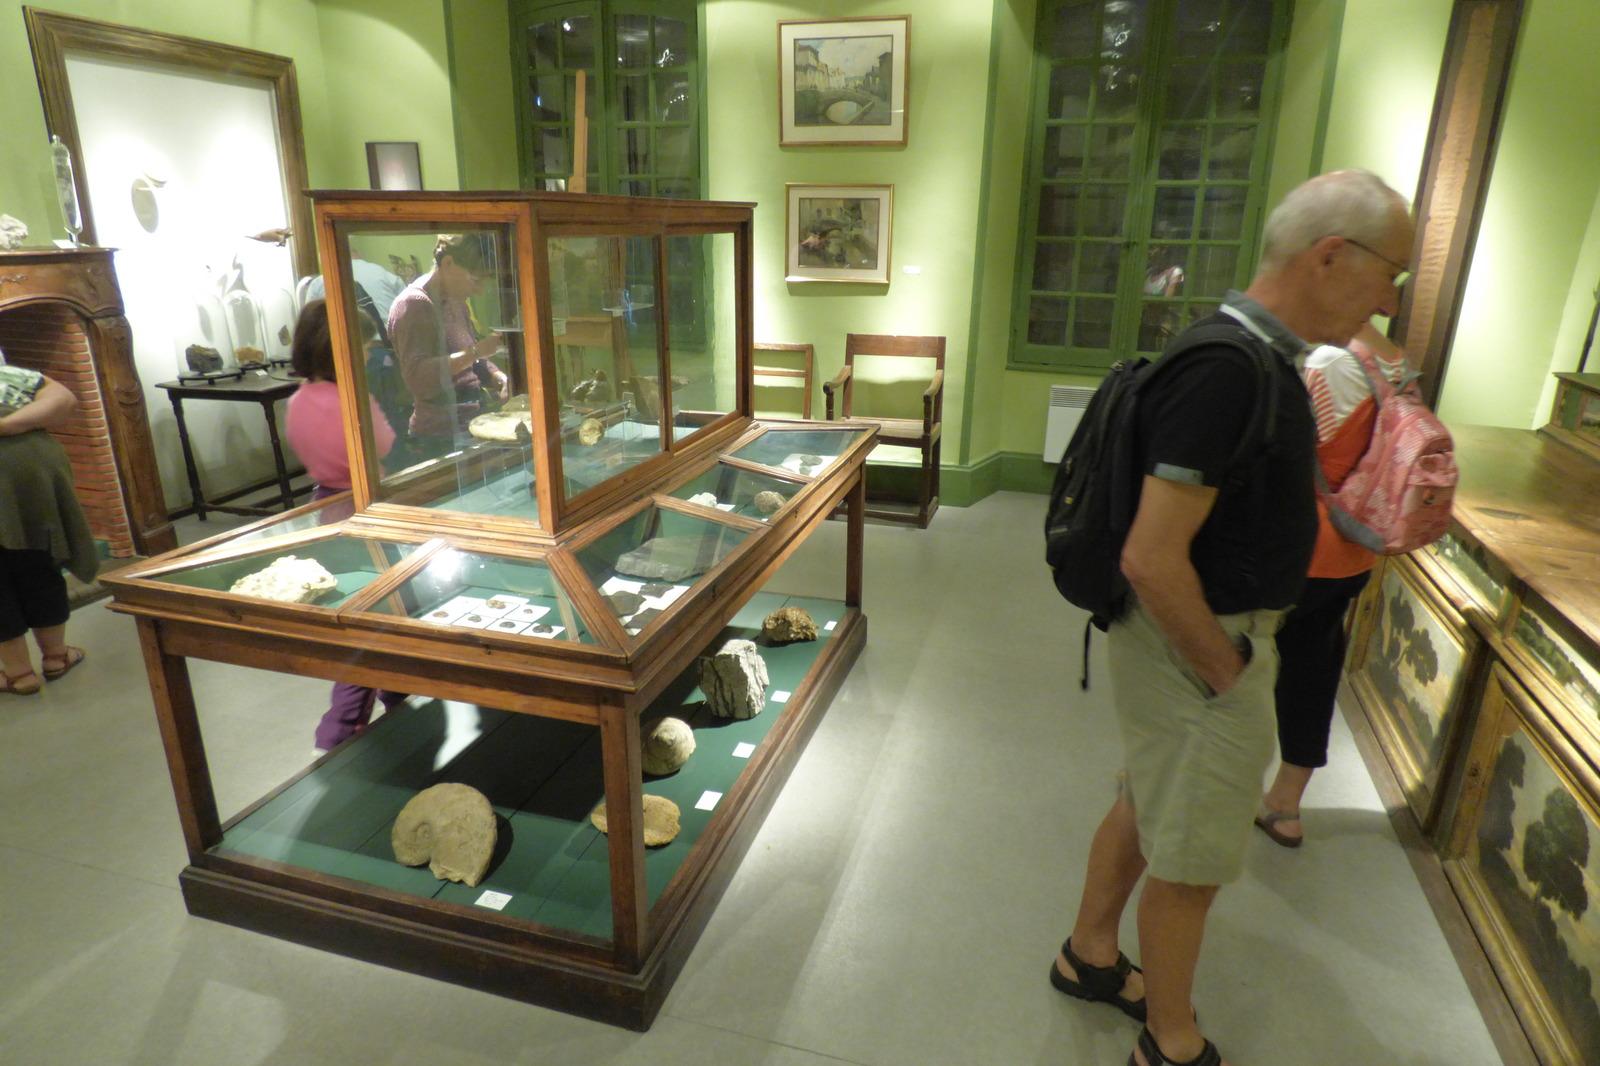 Figeac : Journées du Patrimoine à Figeac : Musée d'Histoire de Figeac